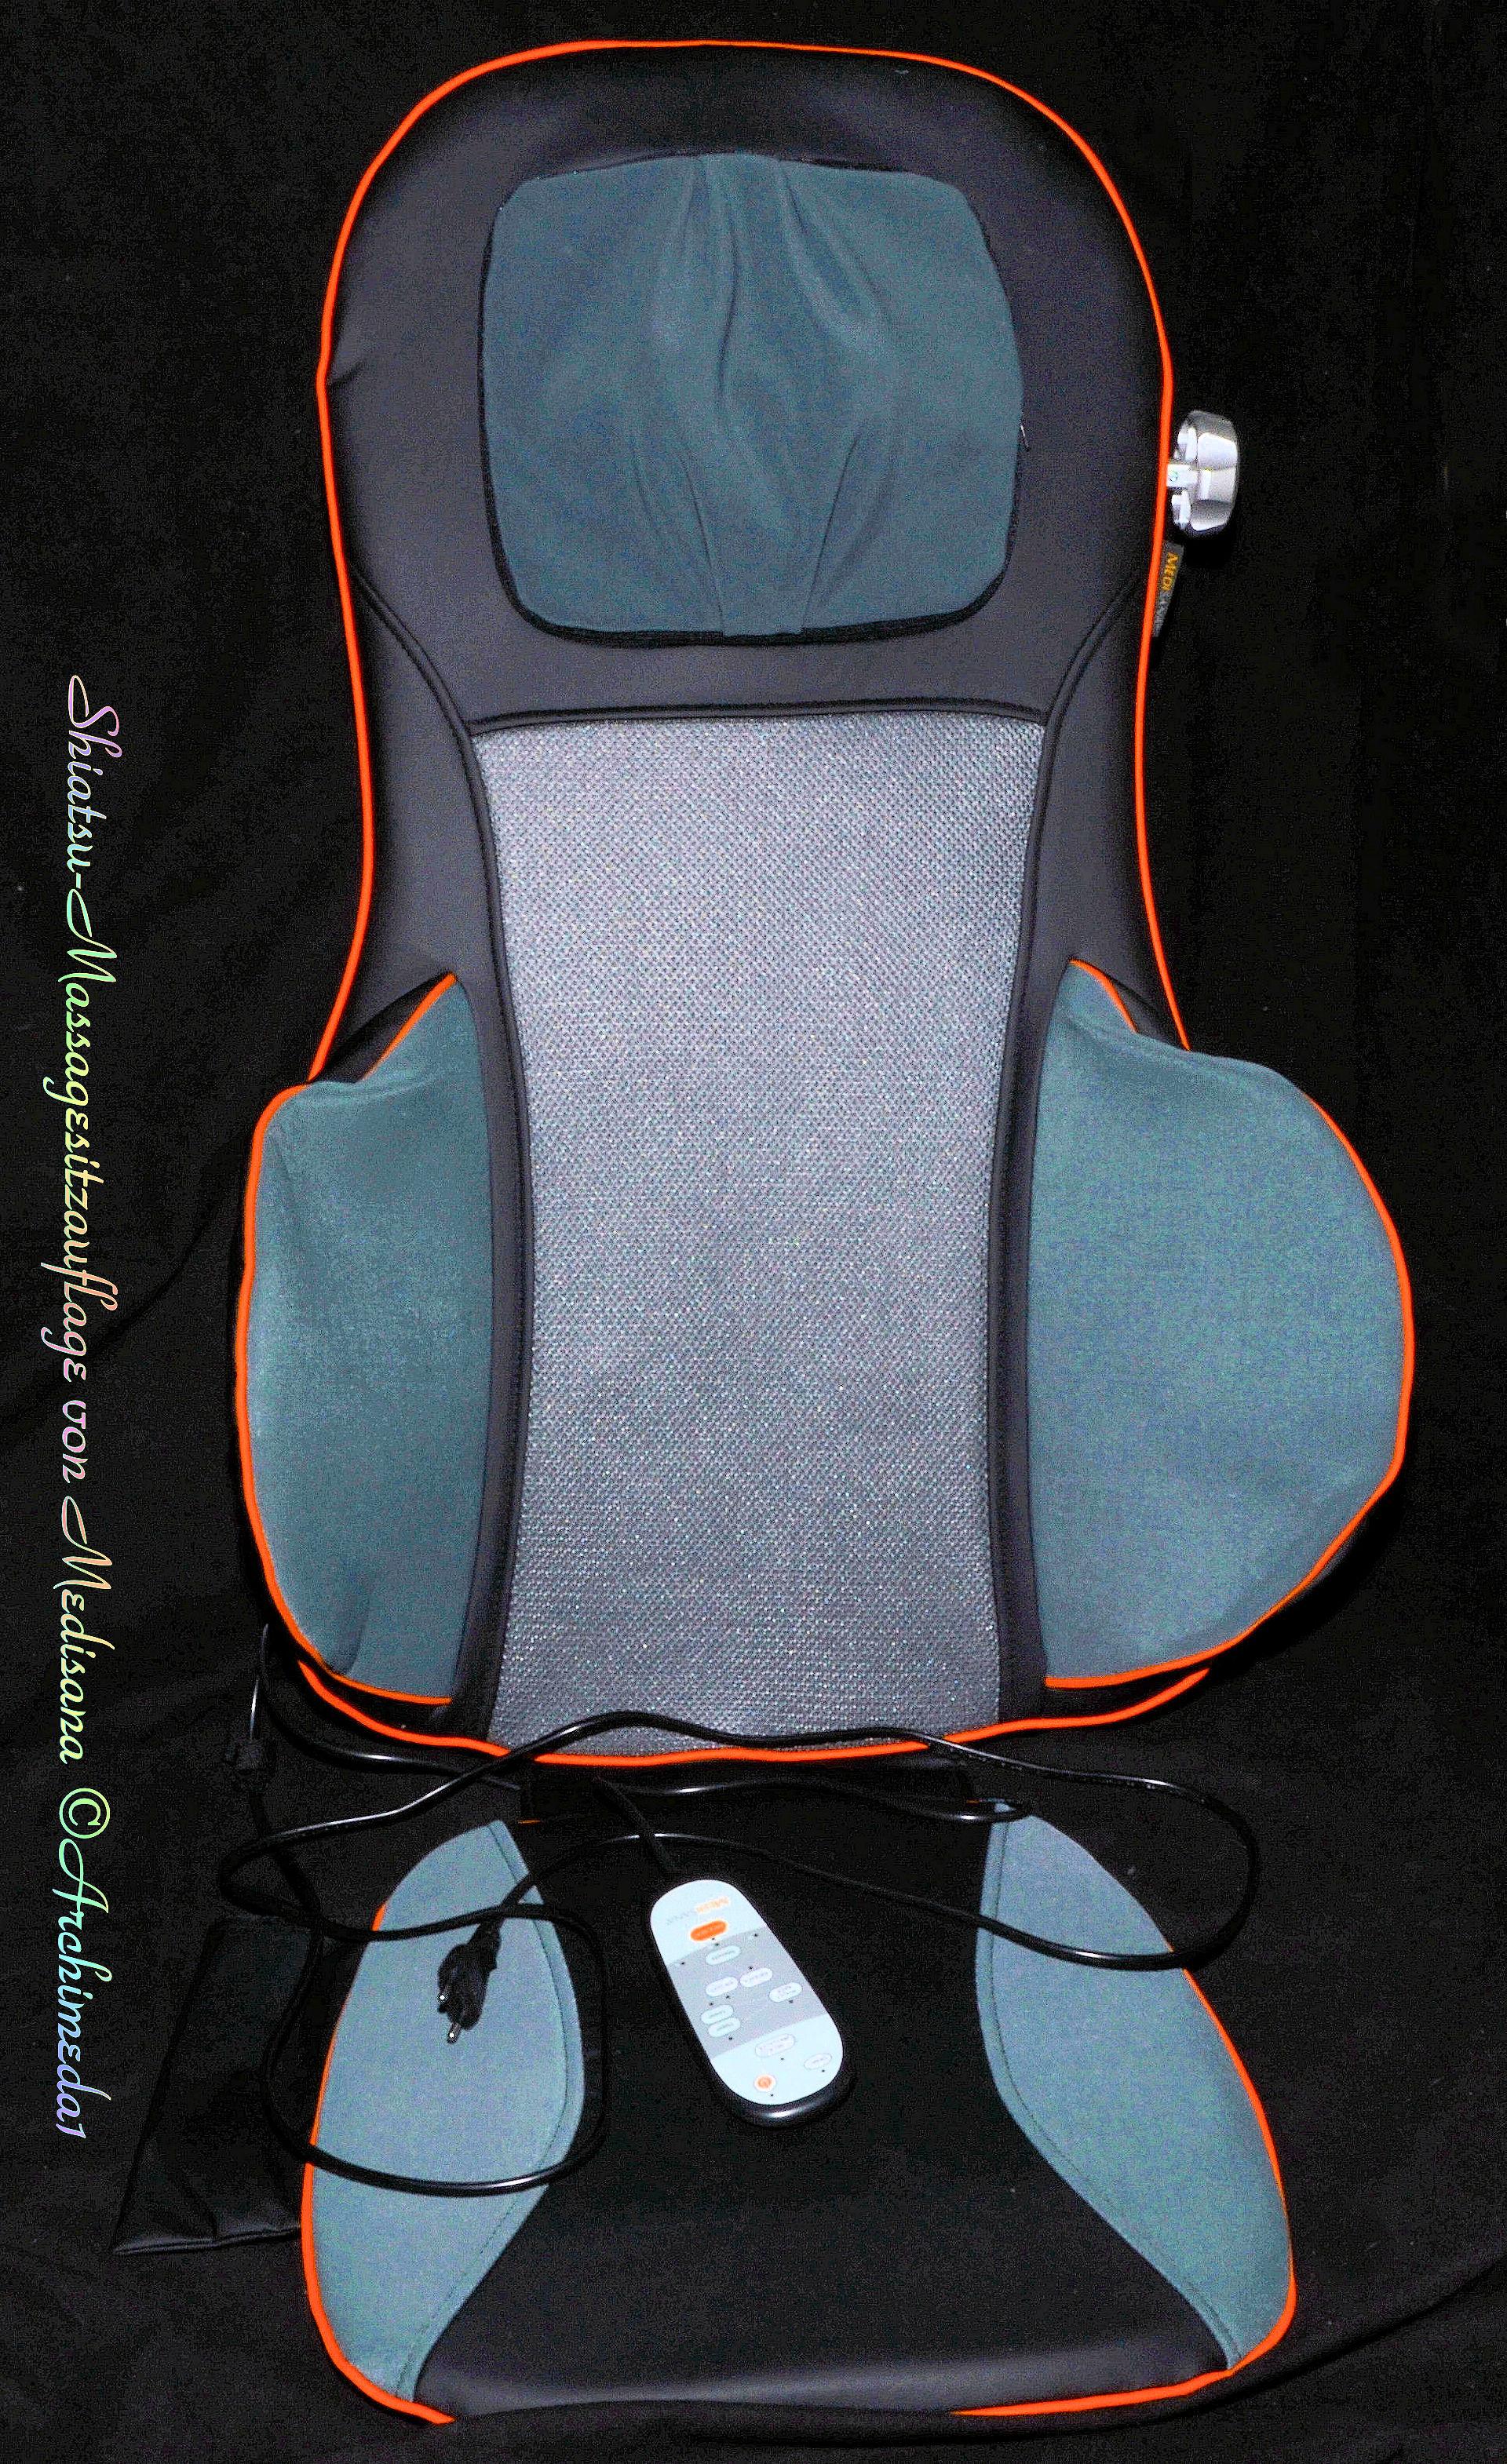 archi testet medisana shiatsu massagesitzauflage f r r cken und nackenschmerzen. Black Bedroom Furniture Sets. Home Design Ideas